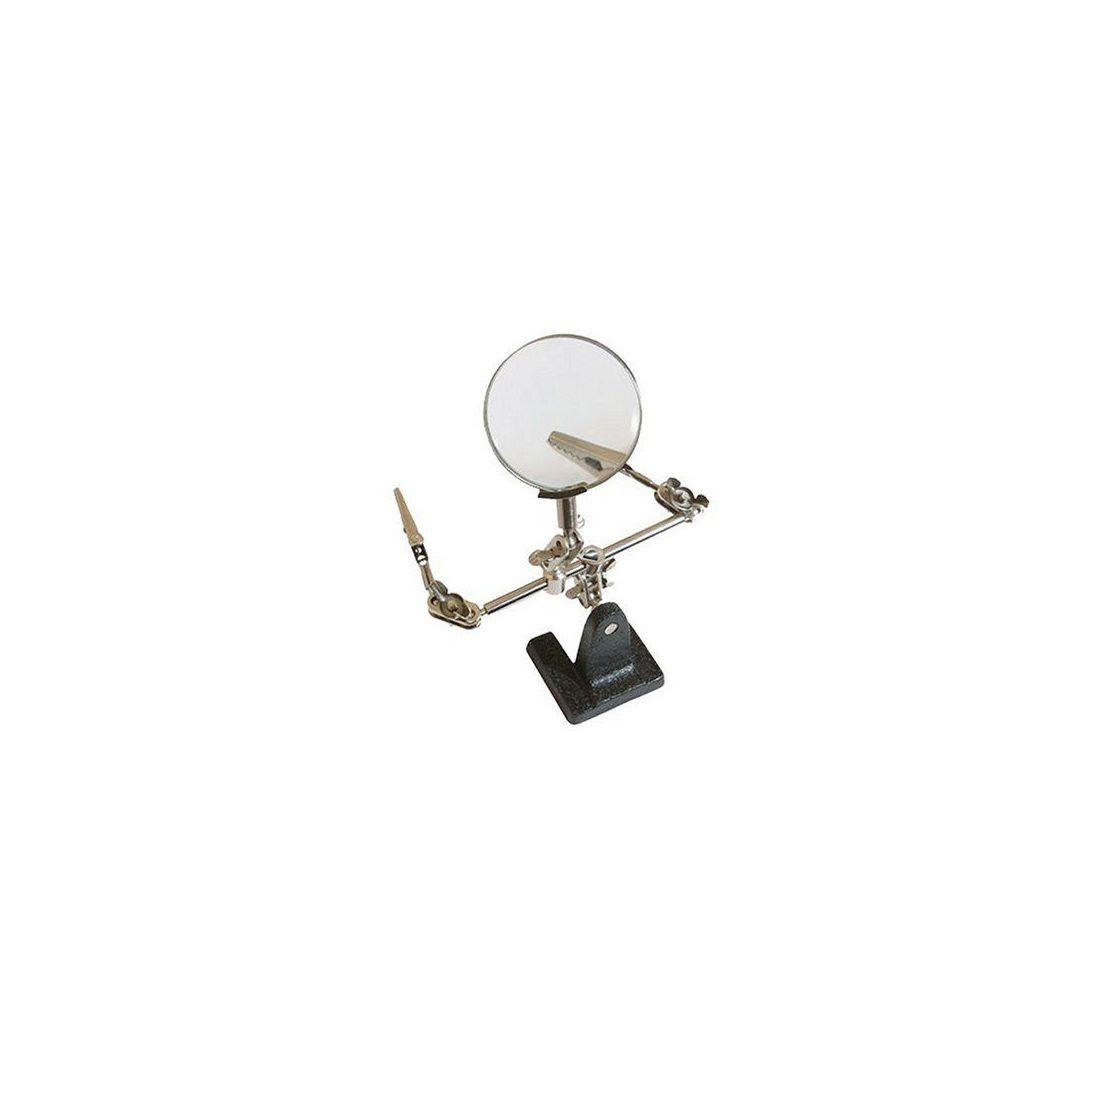 Silverline 633830 Support pour travailler avec loupe et pinces 63mm 2.5x